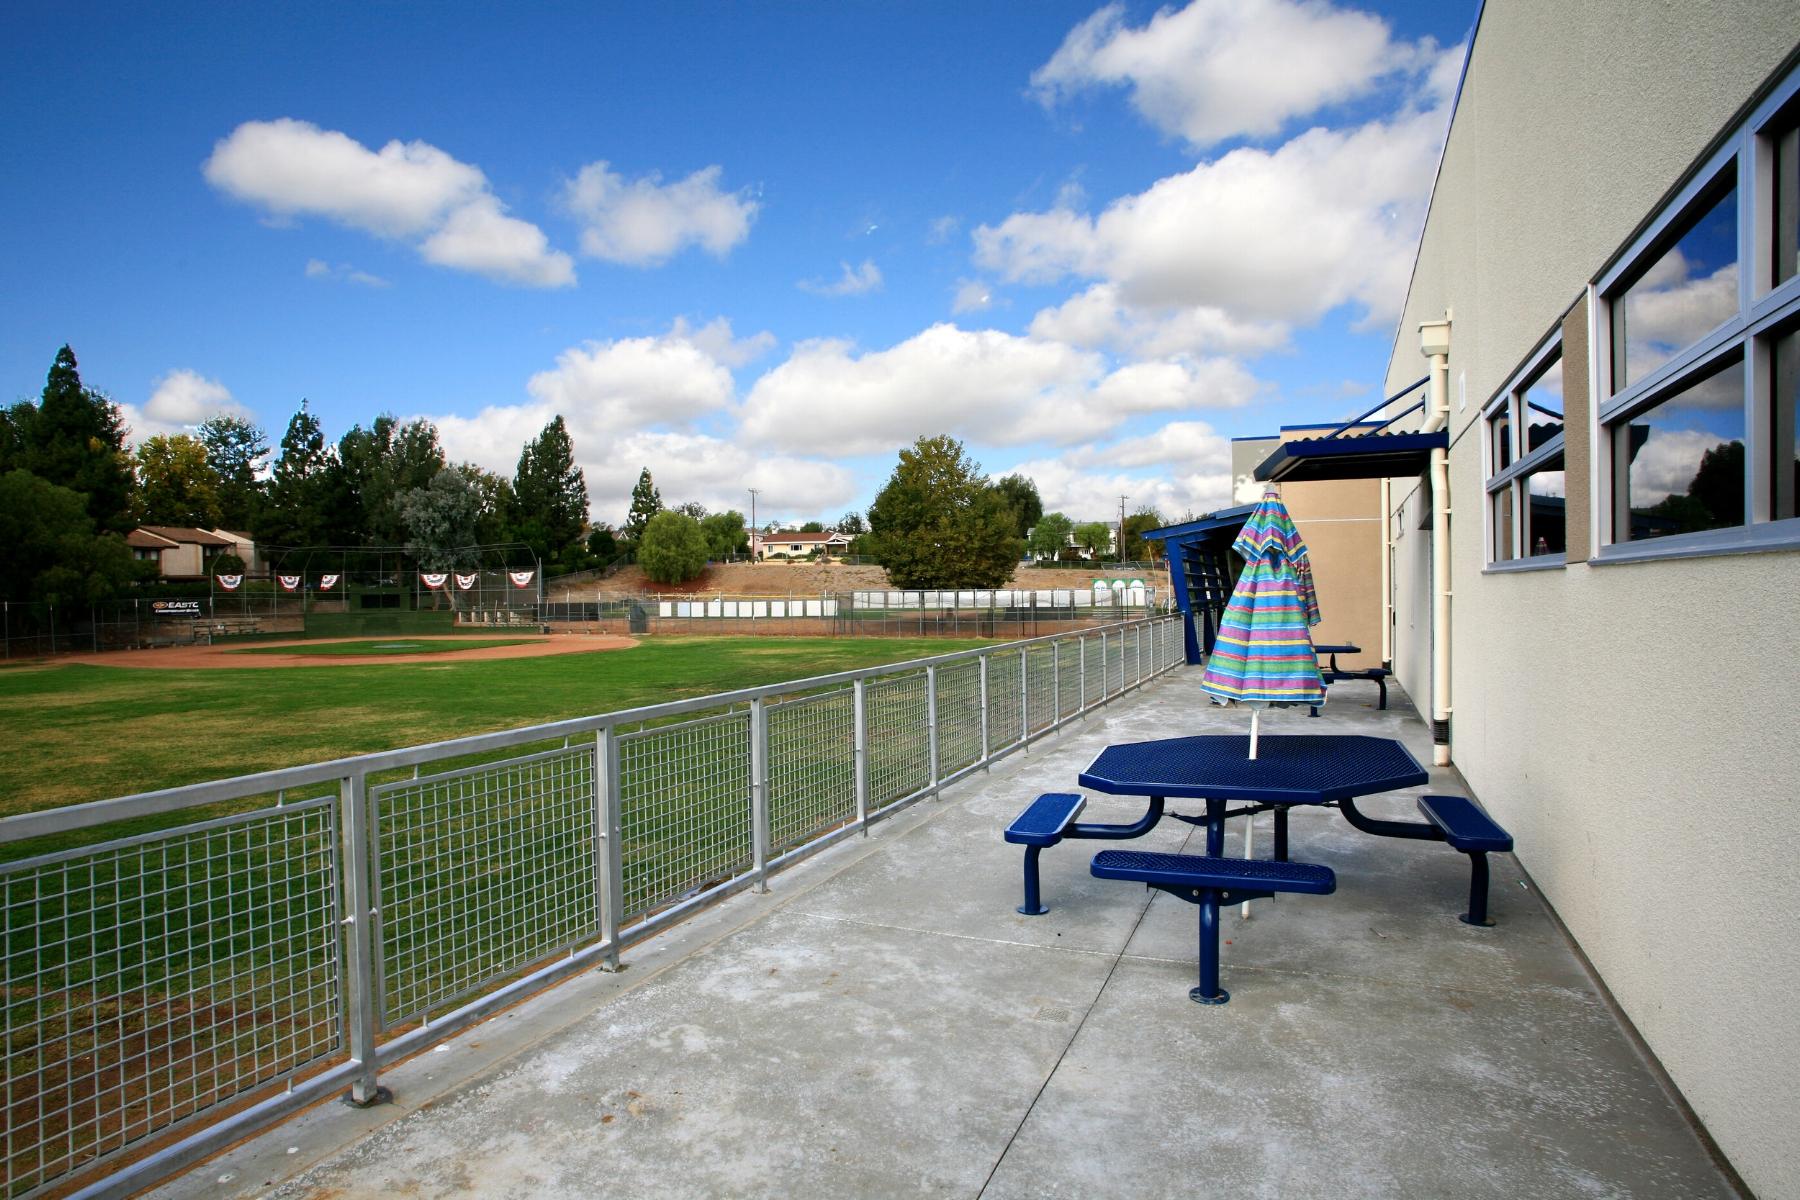 Boys_&_Girls_Club_Baseball_Field